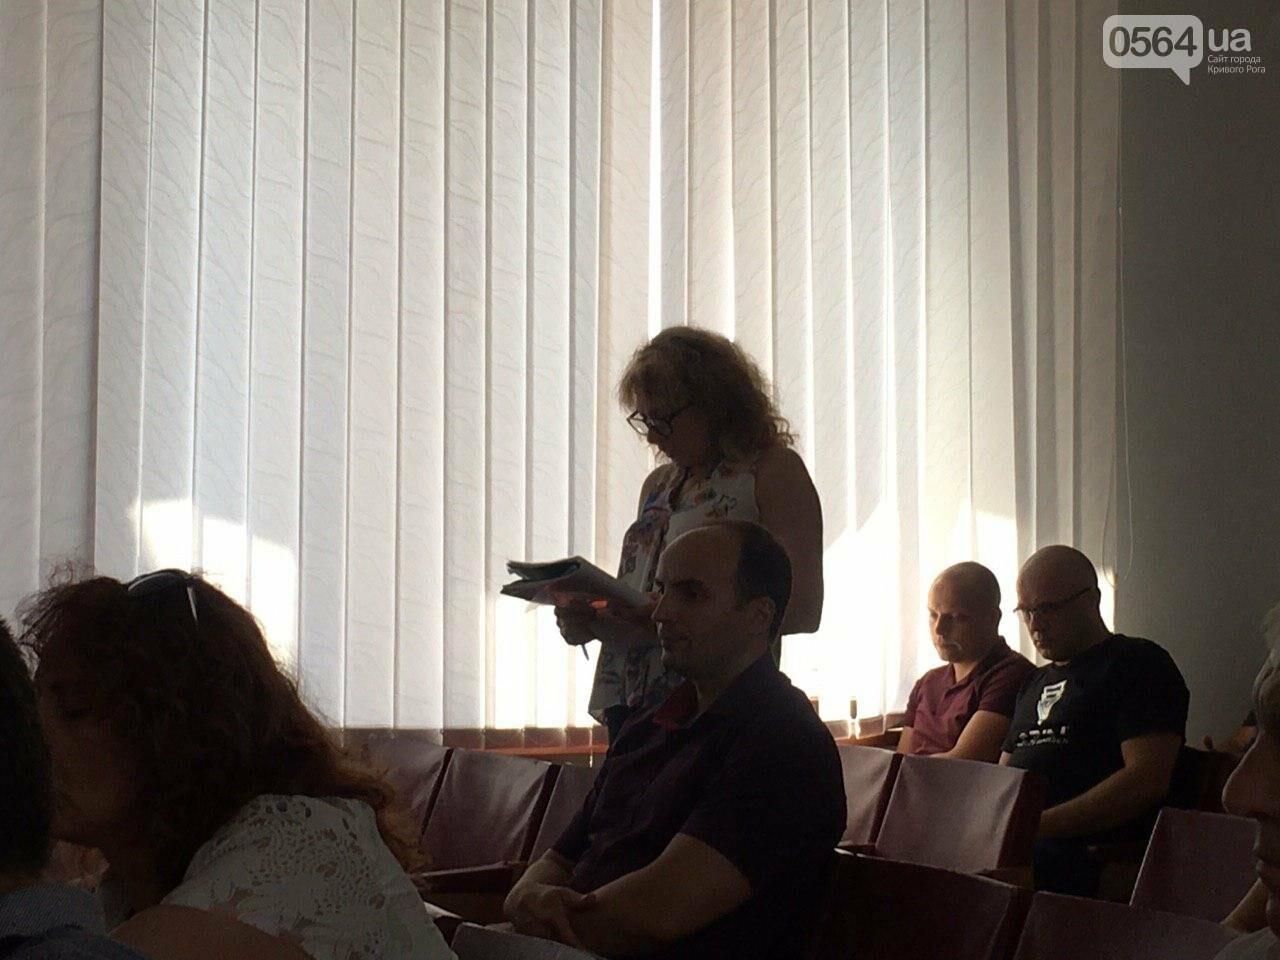 Криворожское КП пытается подготовится к отопительному сезону, несмотря на долг в полмиллиарда, - ФОТО , фото-40